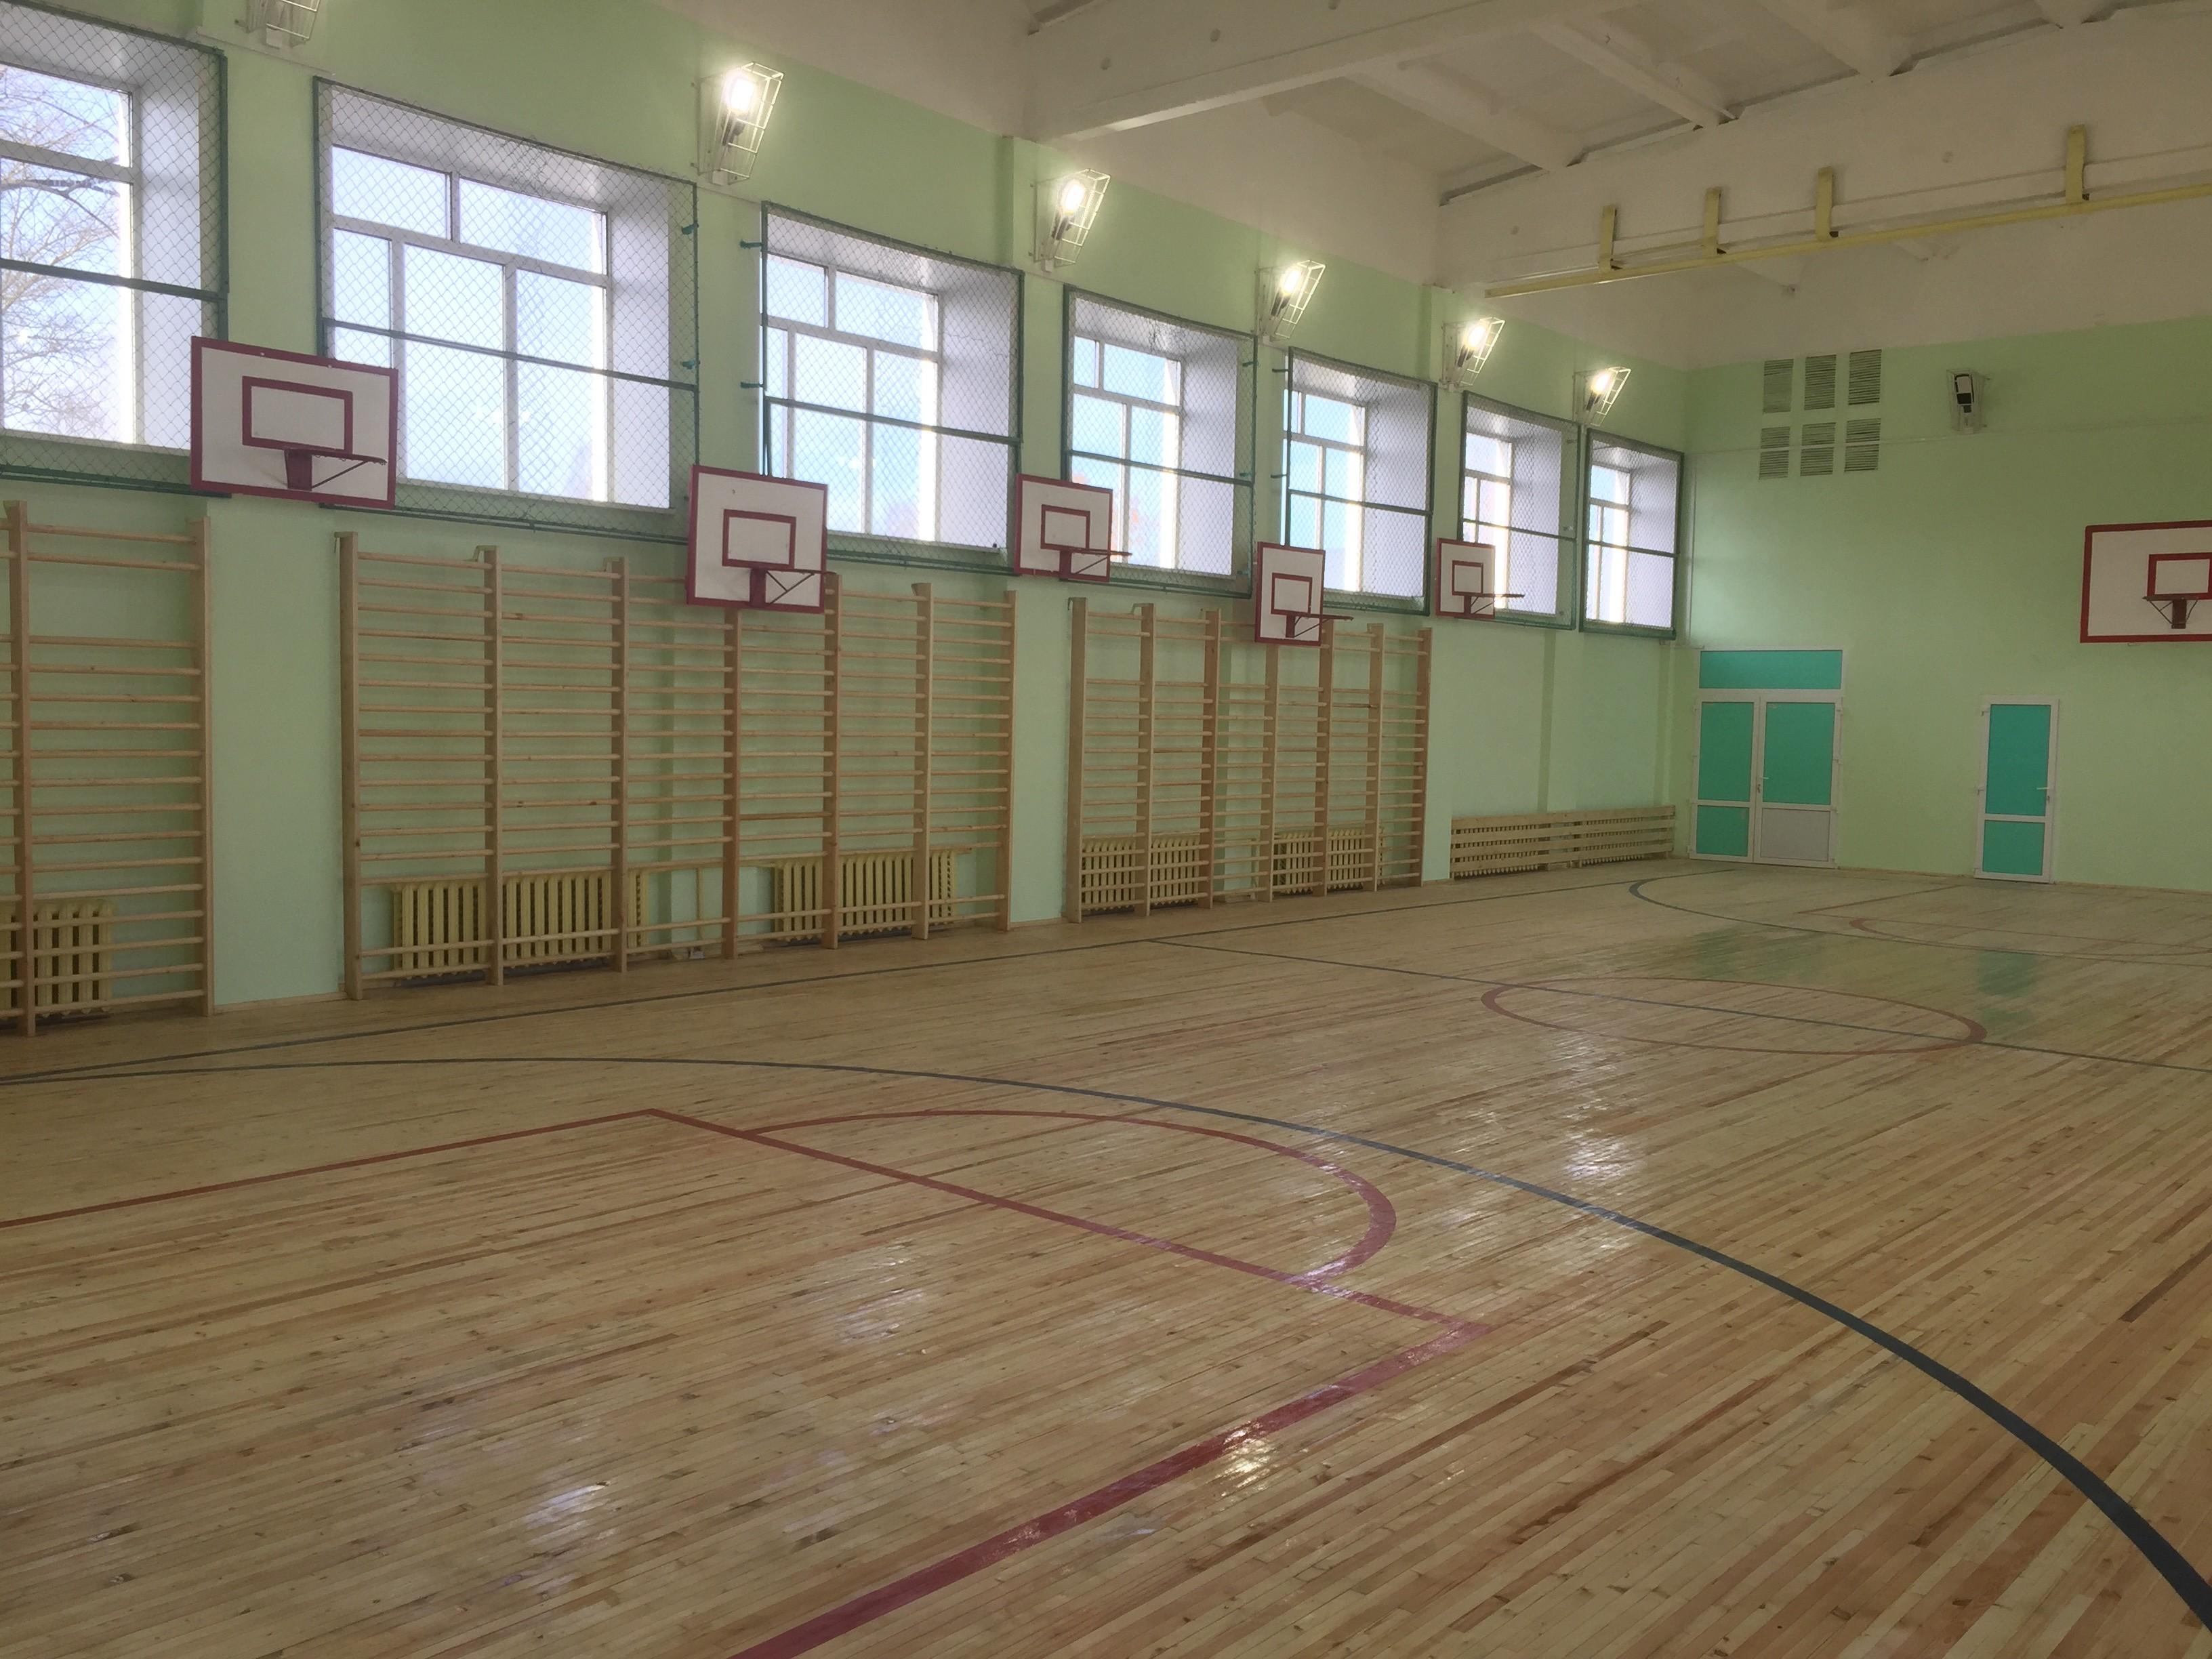 В Вельской районе осужденные ИК-14 отремонтировали школьный спортзал